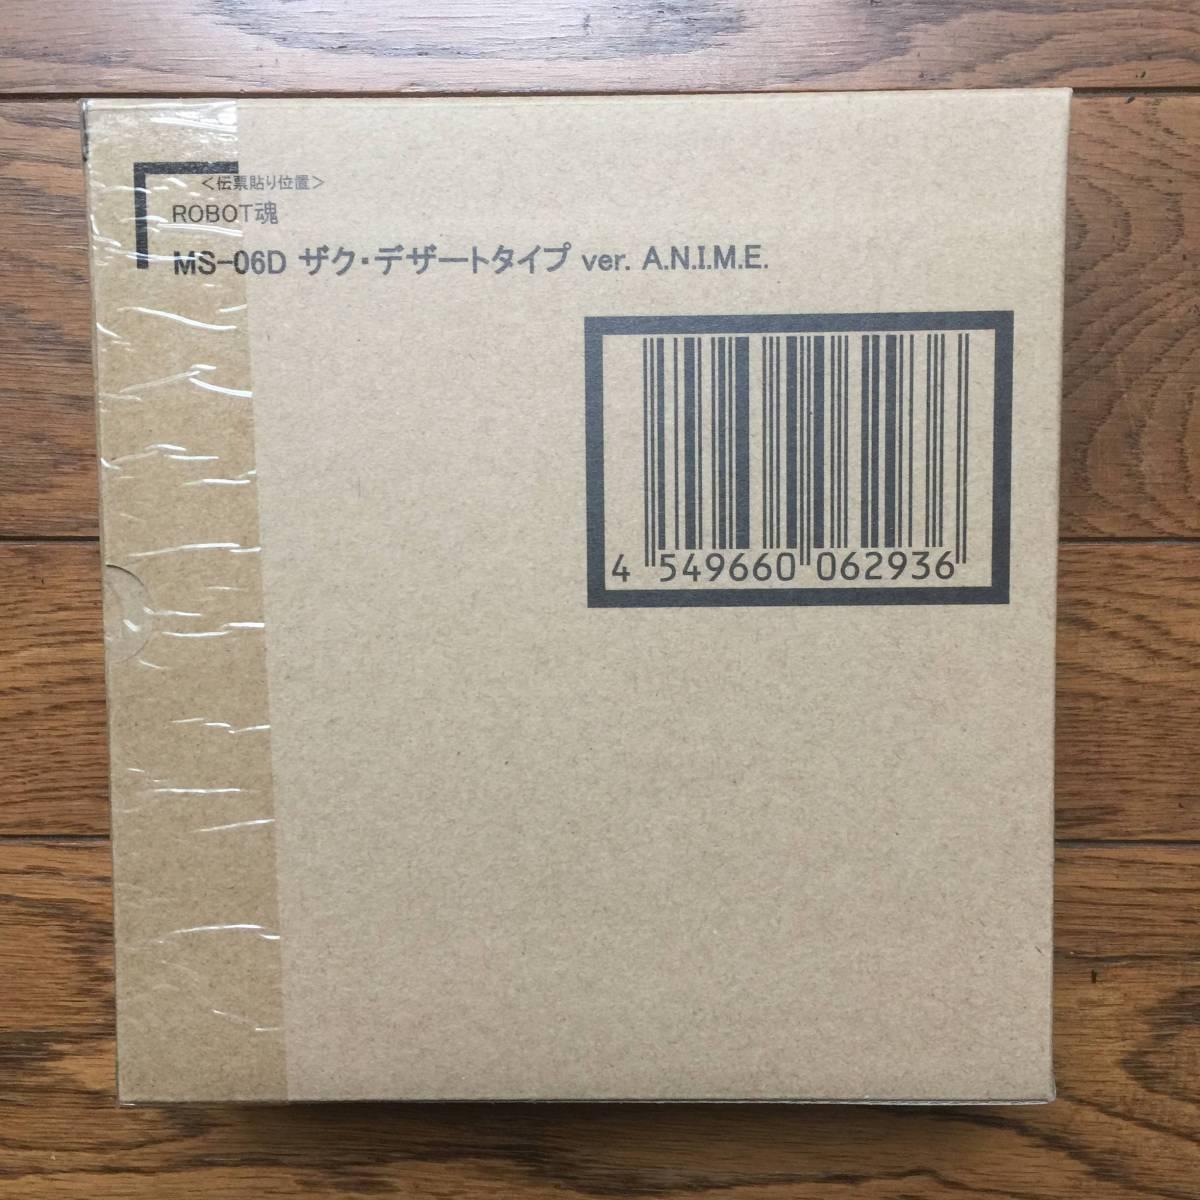 〈送料無料〉【BANDAI】 ROBOT魂 MS- 06D ザク・デザートタイプver.A.N.I.M.E_画像2